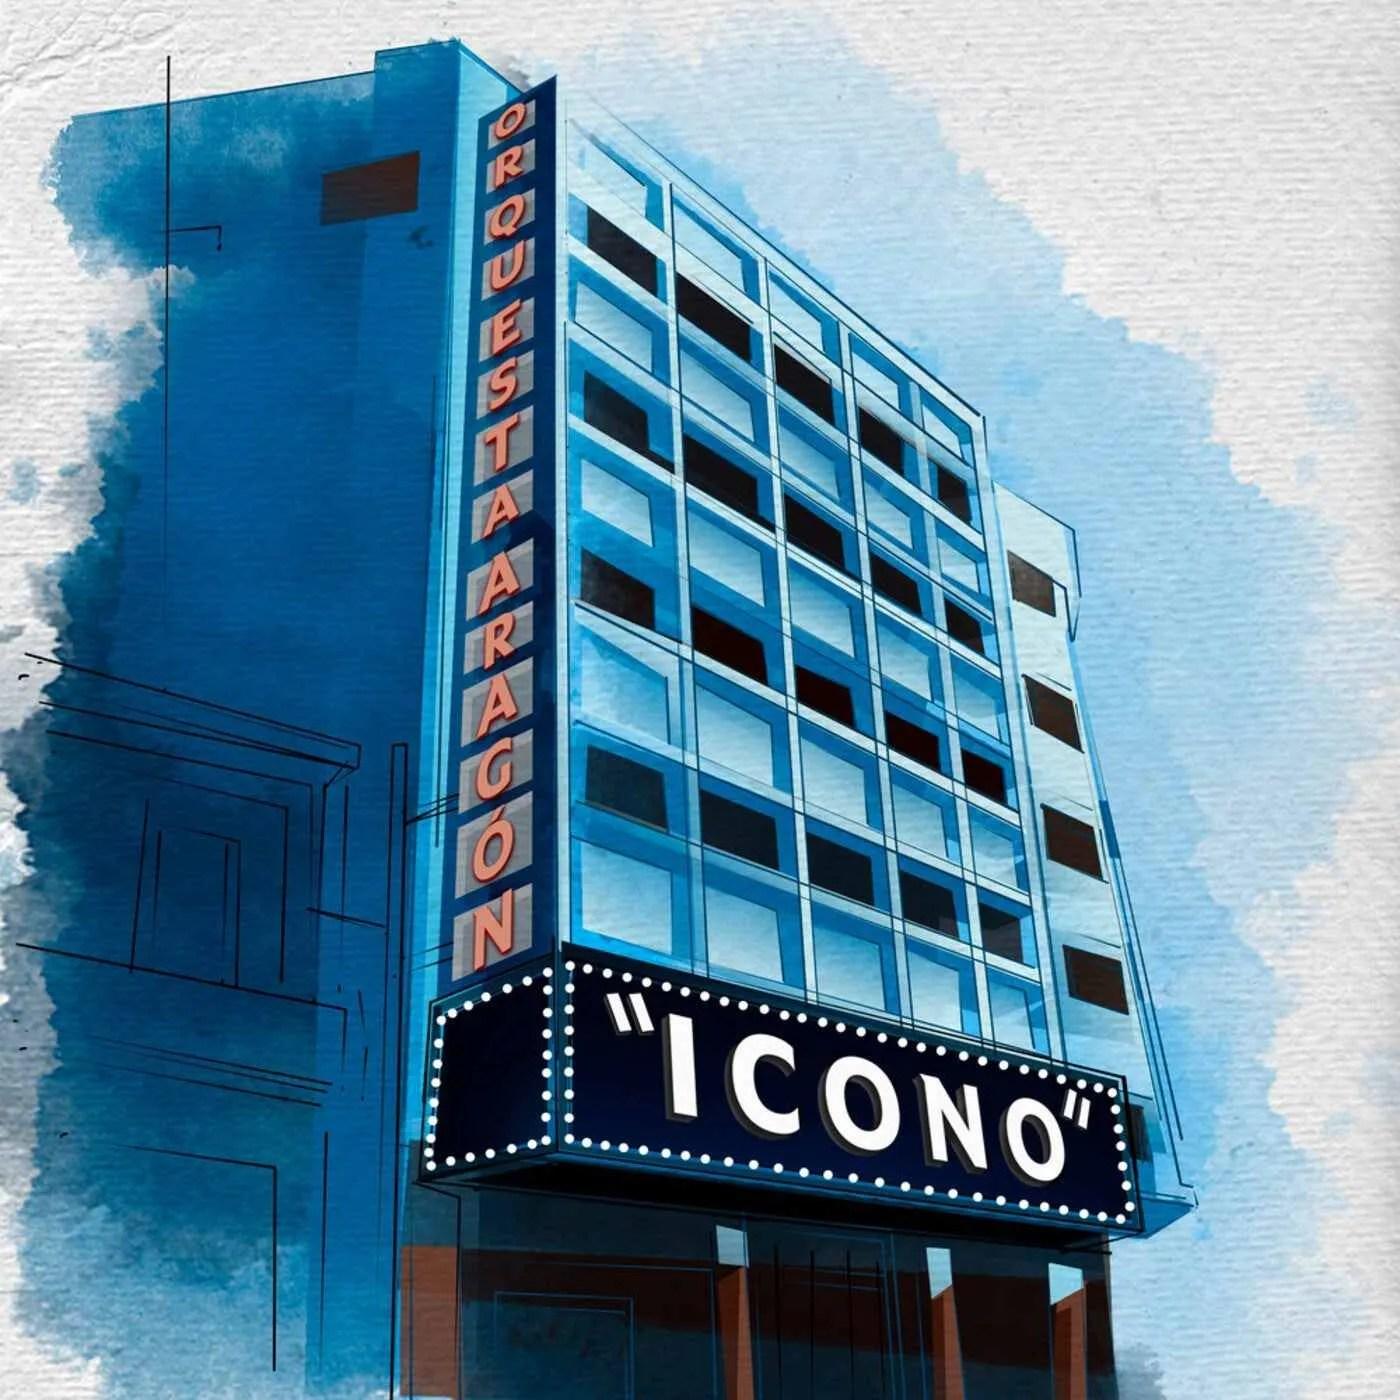 Portada del álbum Icono. Tomada de las redes sociales de la agrupación.